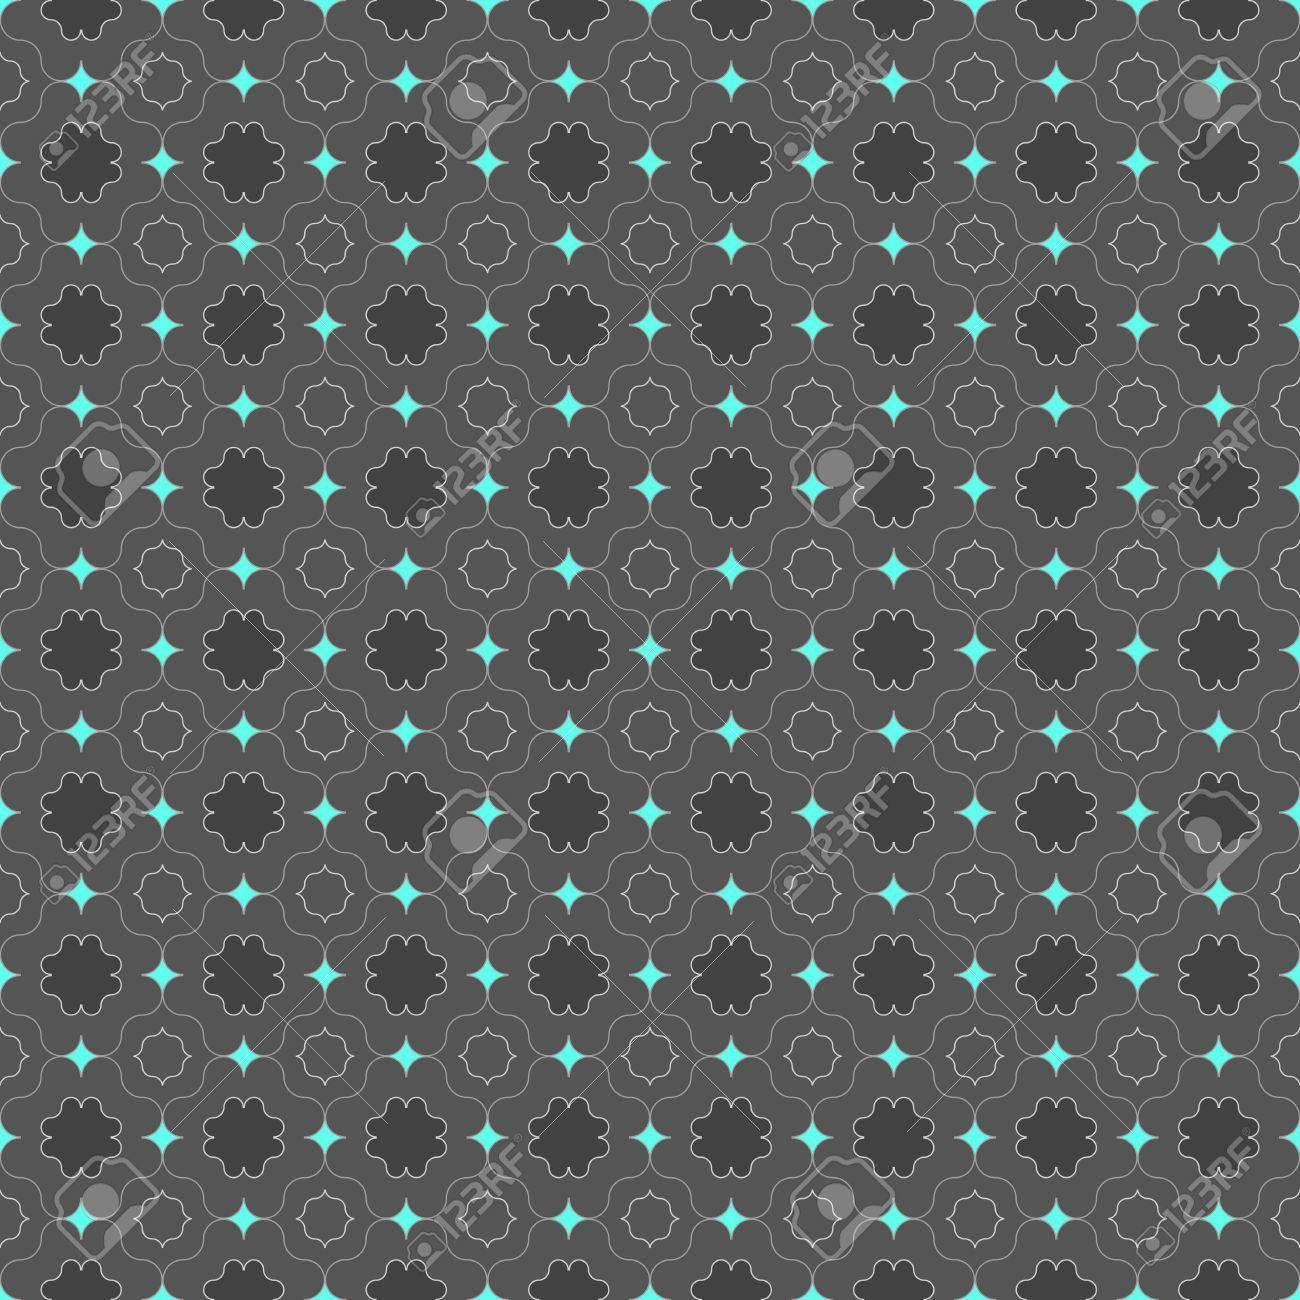 Couleur Gris Bleu Foncé seamless géométrique élégant. moderne motif abstrait. design plat texturé.  gris foncé de couleur bleu avec des carrés pointues vives.